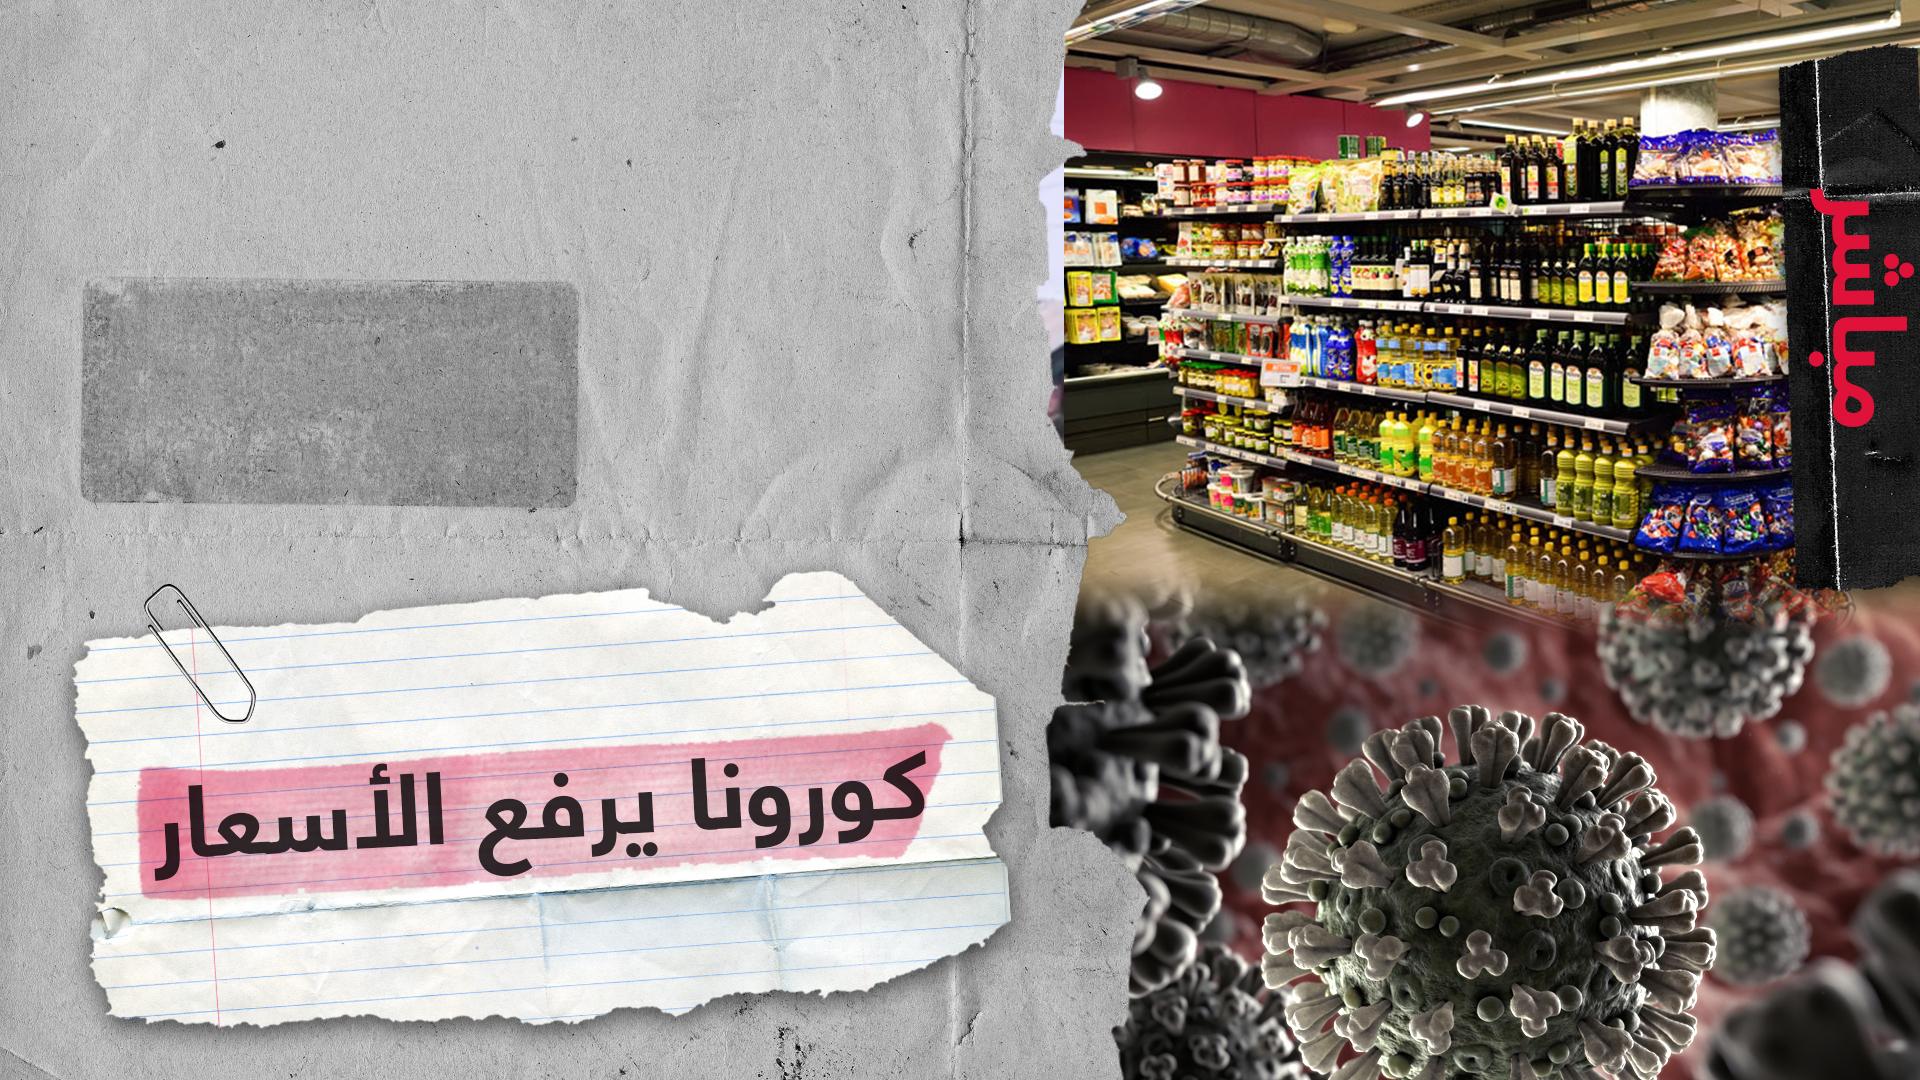 كورونا يطال الأسعار ويسبب نقصا في البضائع كيف تتصرف في ظل الأزمة التي خلقها الوباء؟